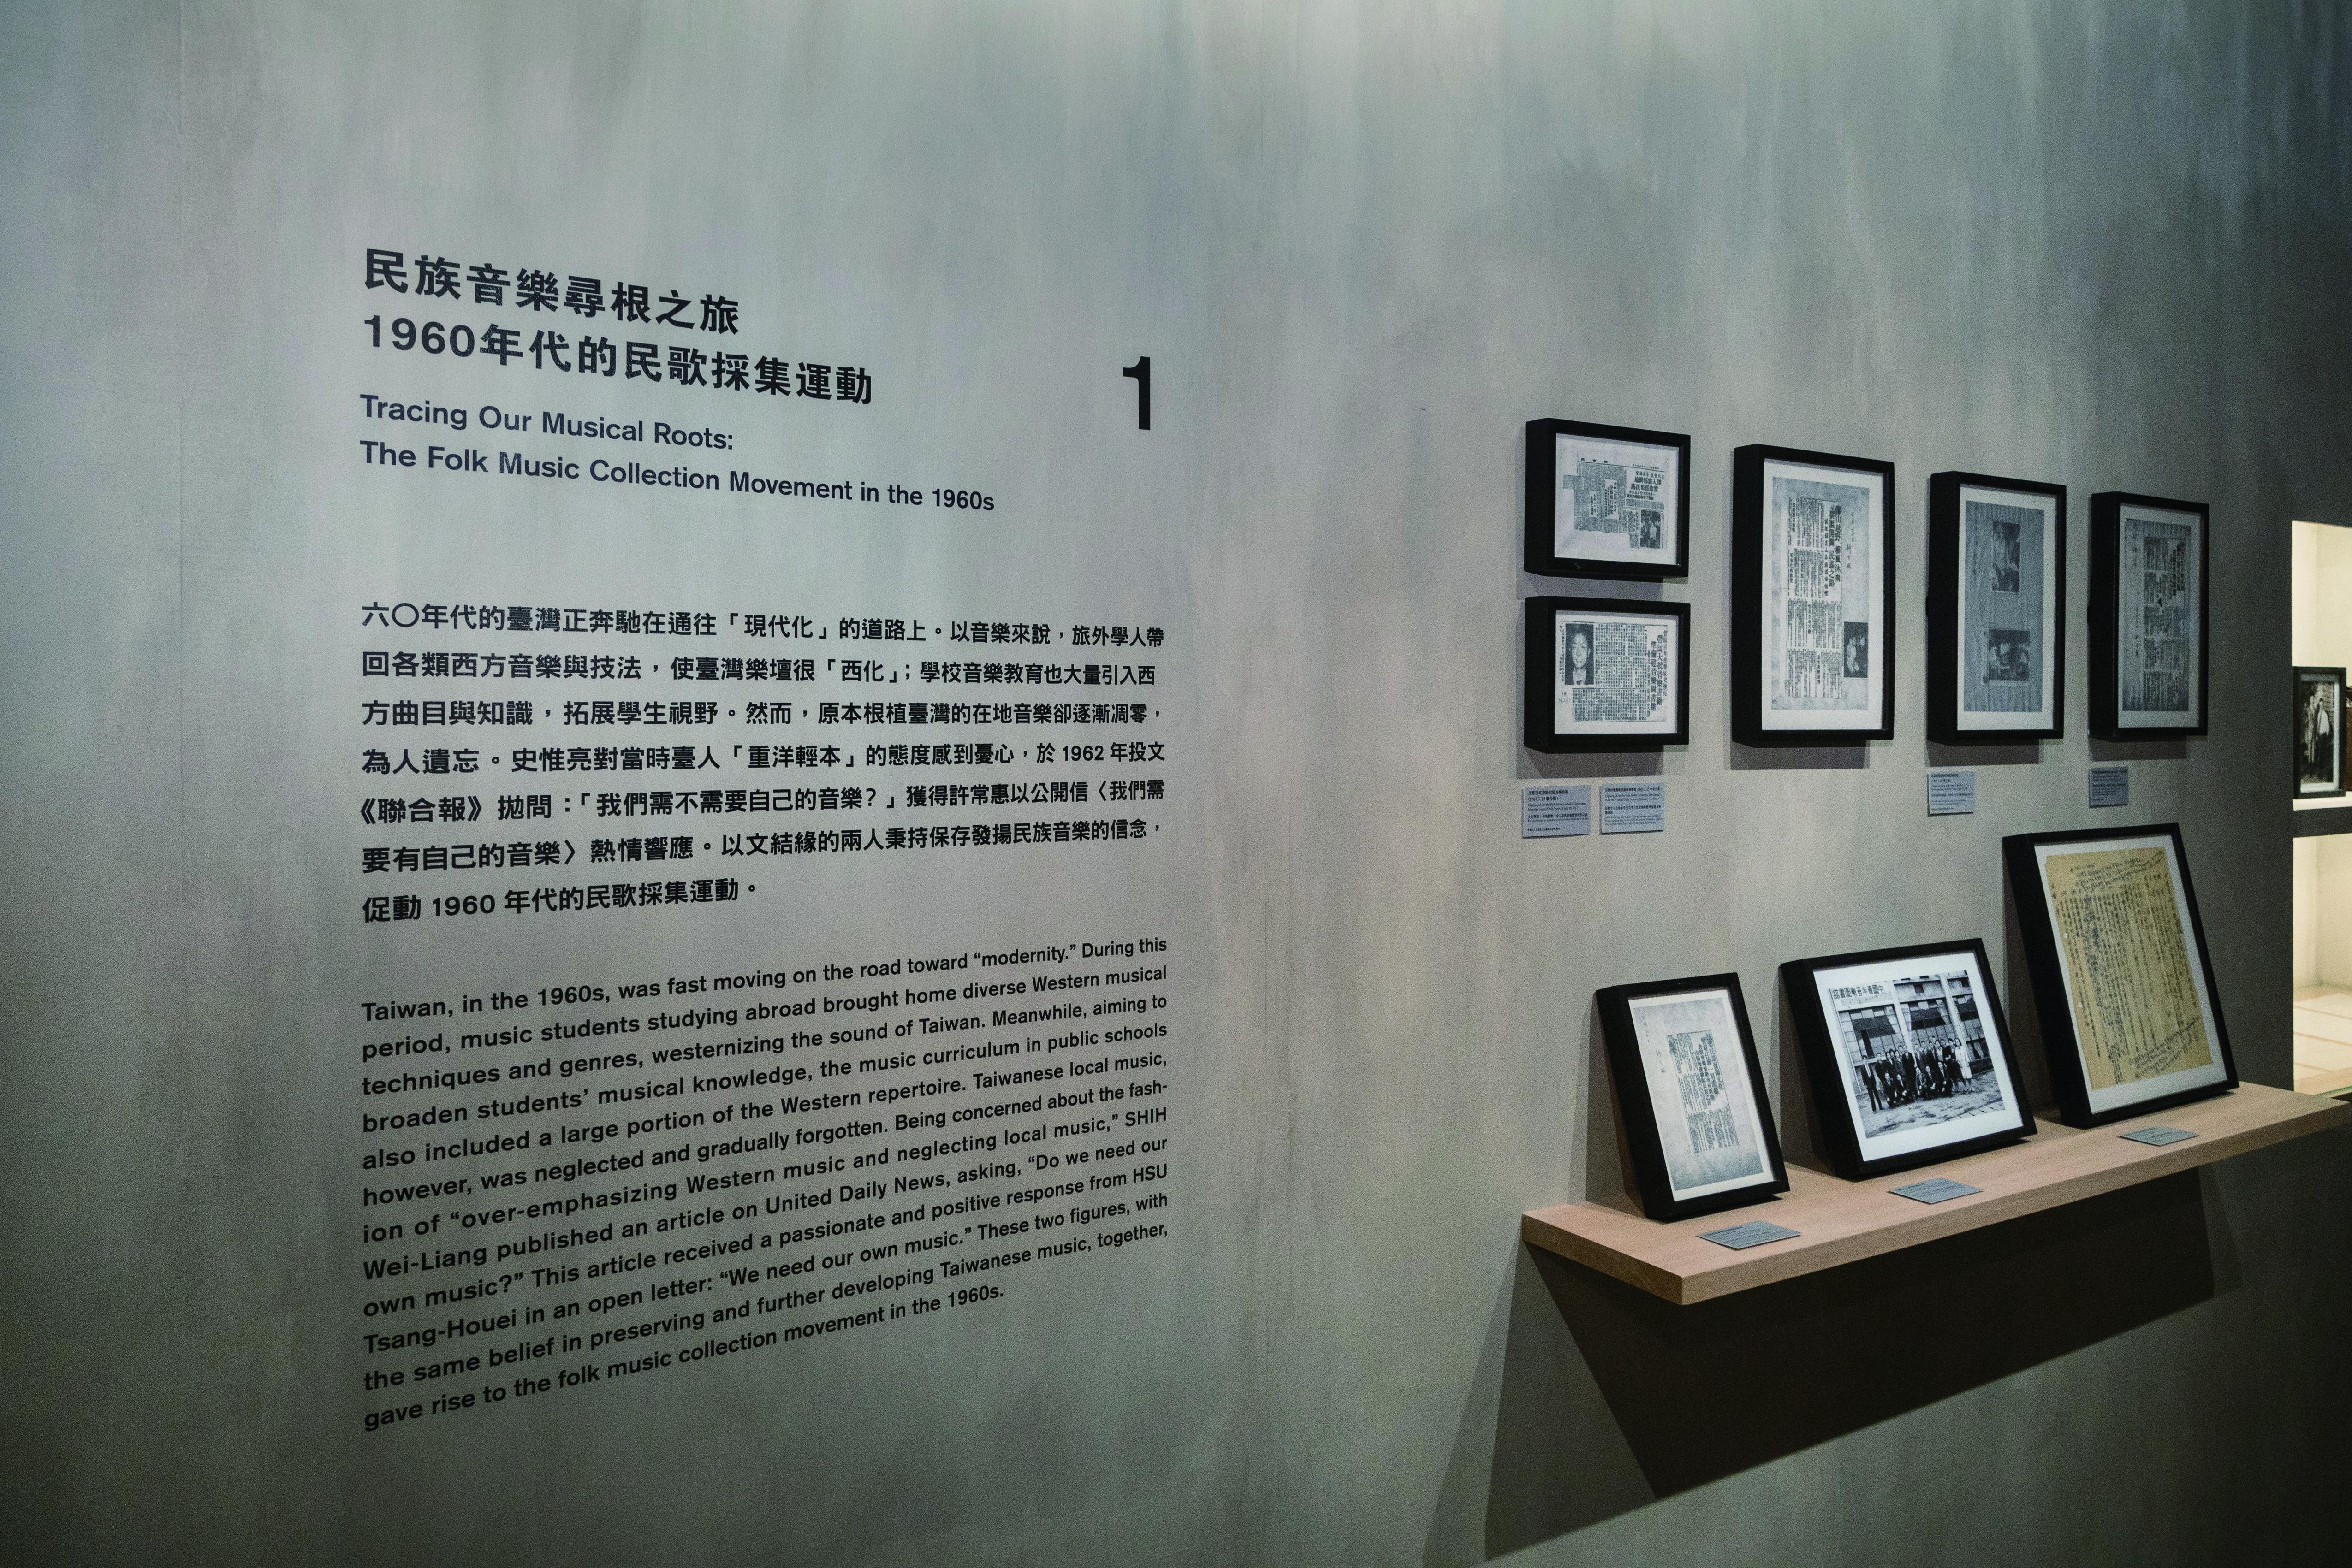 「民族音樂尋根之旅—1960 年代的民歌採集運動」展區,主要展示當時民歌採集運動籌備期的關鍵重要人物、會議手稿、媒體報導及影像資料。.jpg